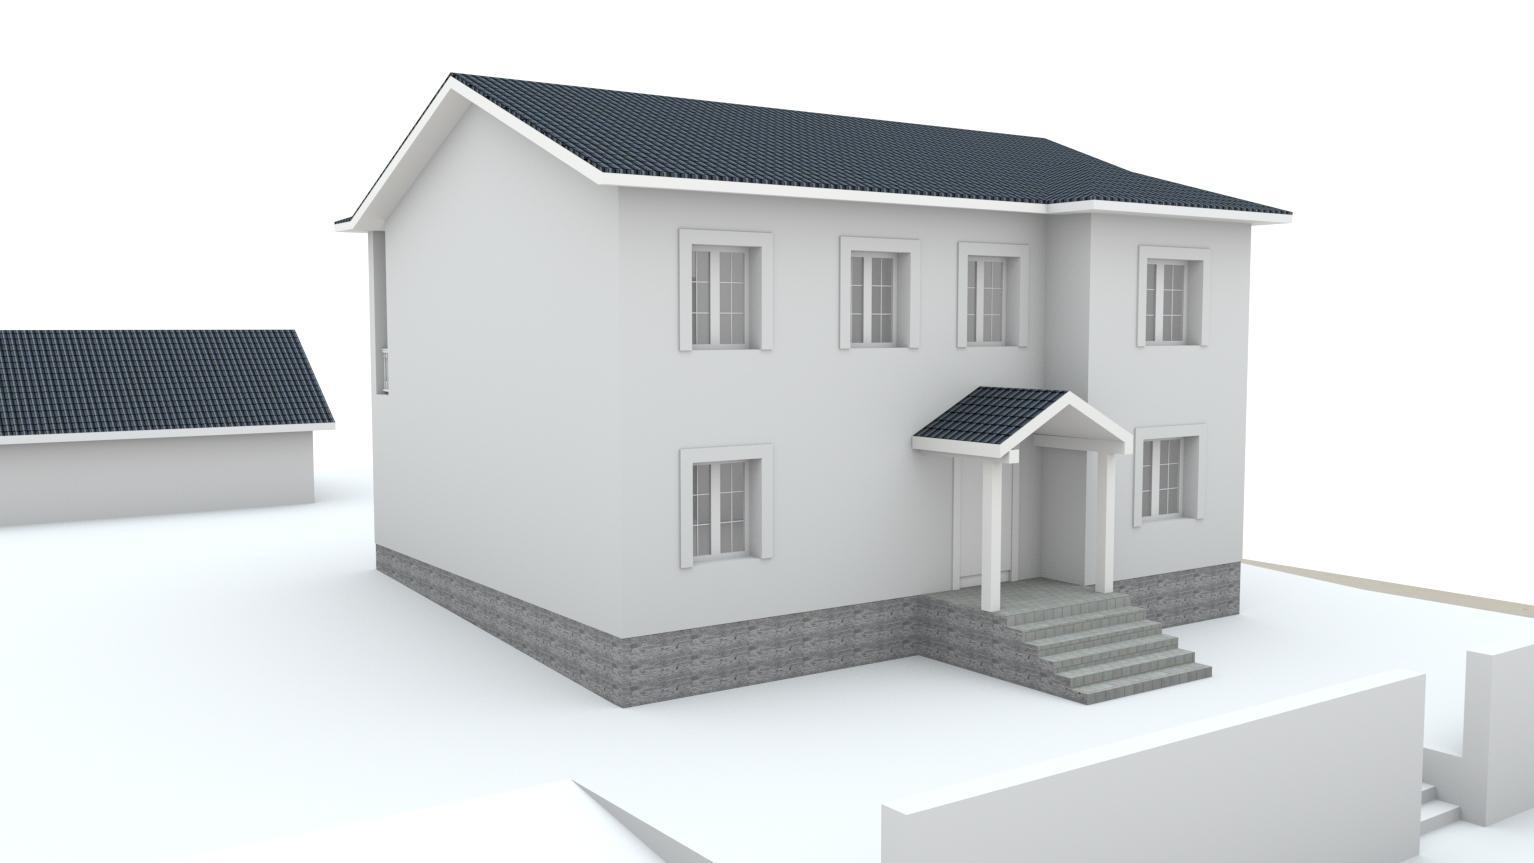 Návrh fasády rodinného domu Bratislava - Obrázok č. 17